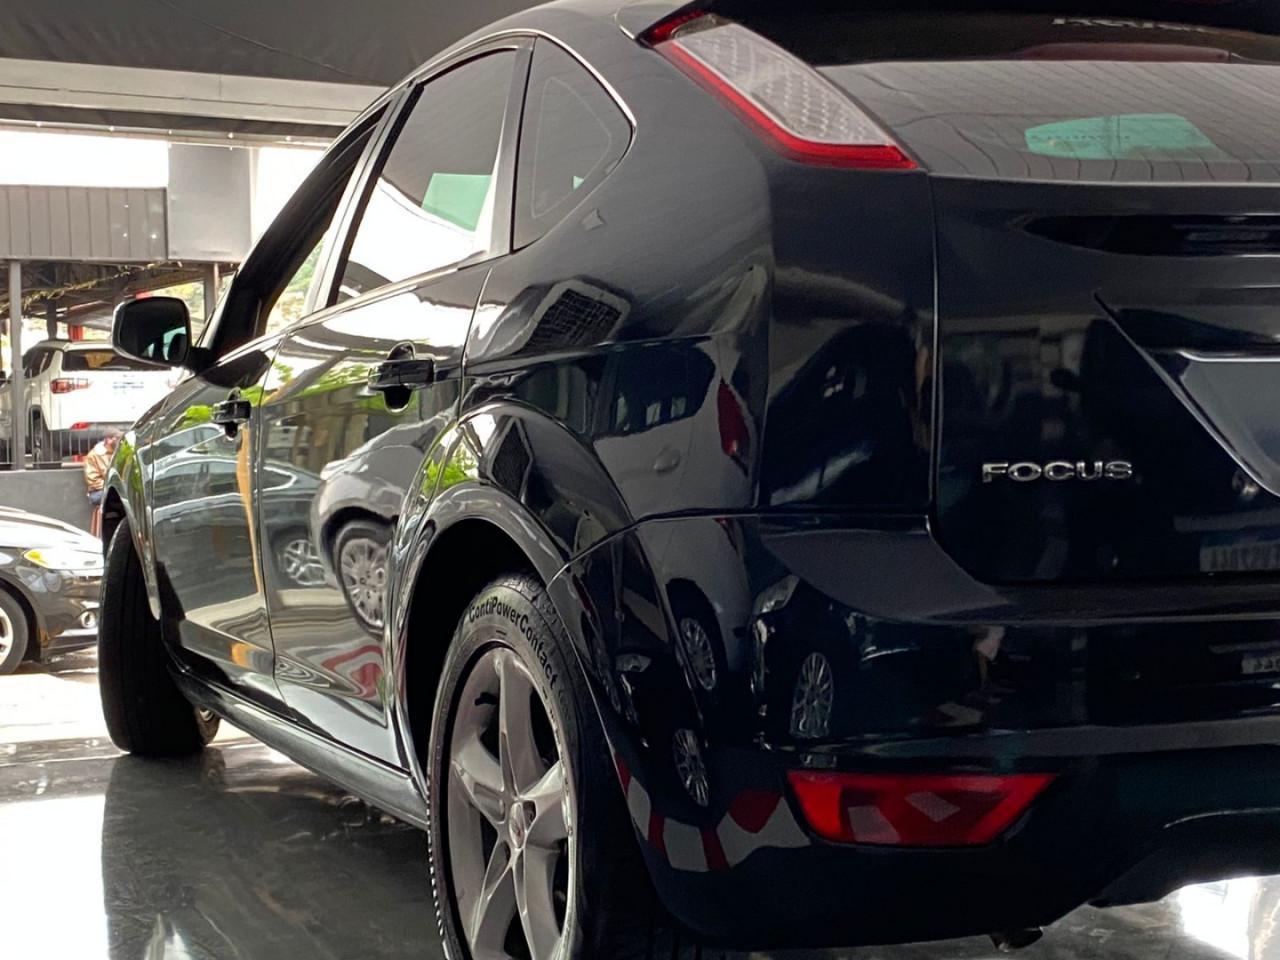 FORD Focus Hatch 2.0 16V 4P FLEX AUTOMÁTICO, Foto 10